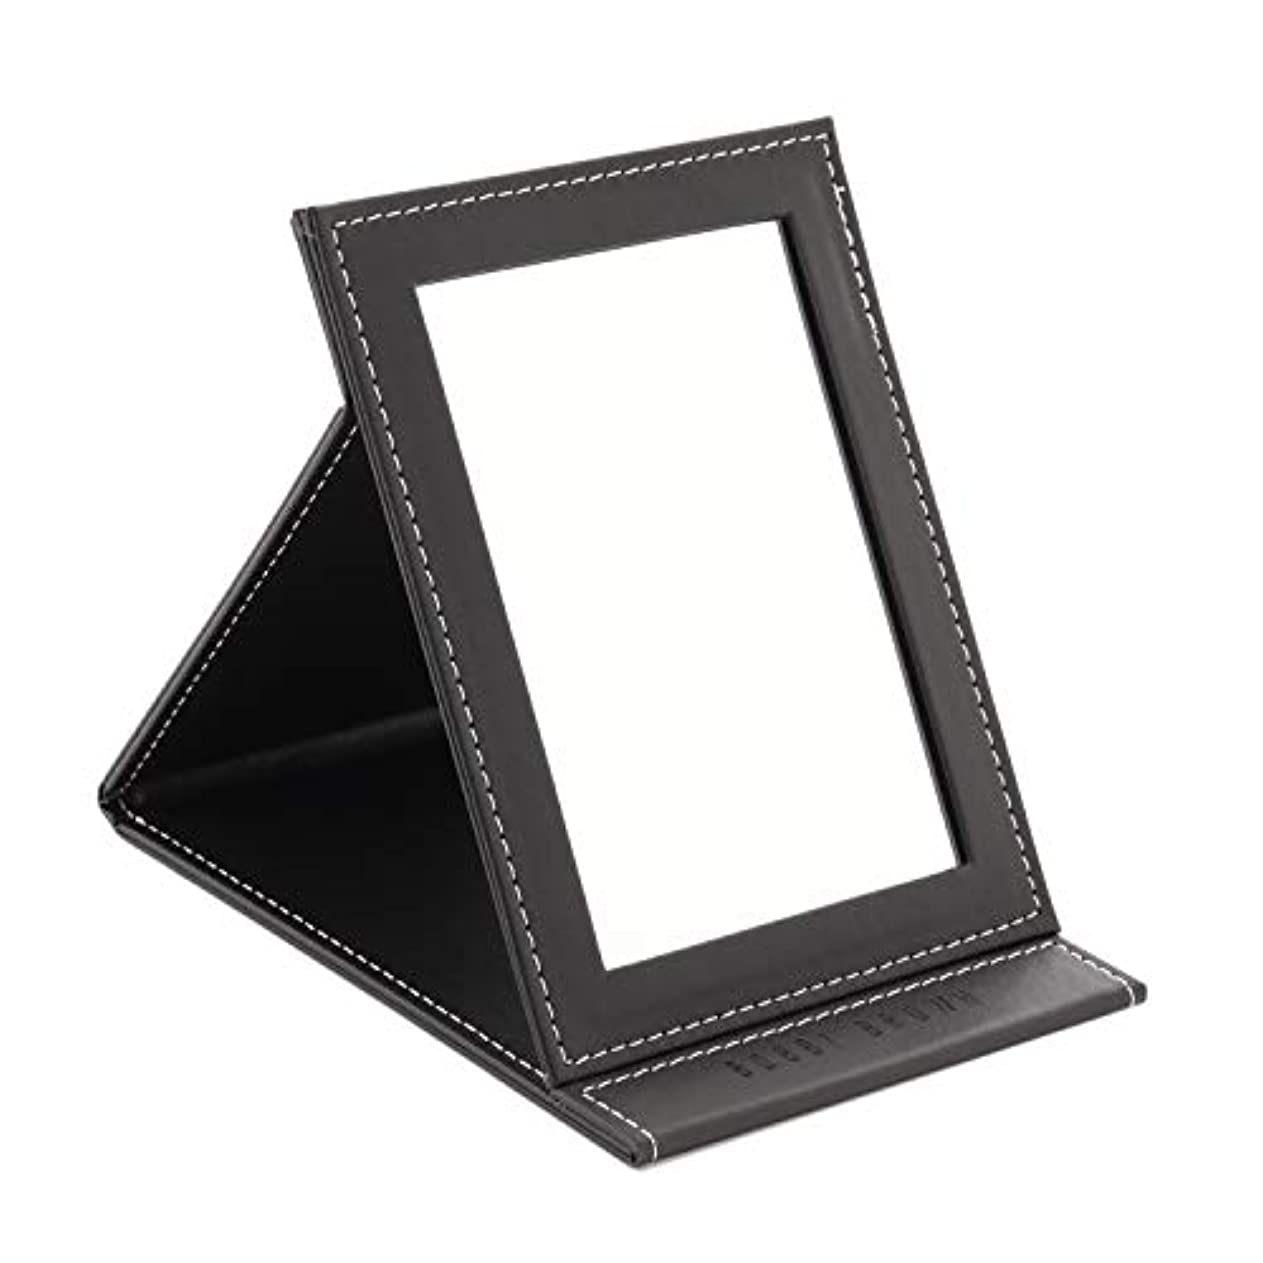 伝える腹痛香港[スプレンノ] 折り畳みミラー 化粧鏡 スタンドミラー 角度調整 自由自在 外装PUレザー仕上げ (M)